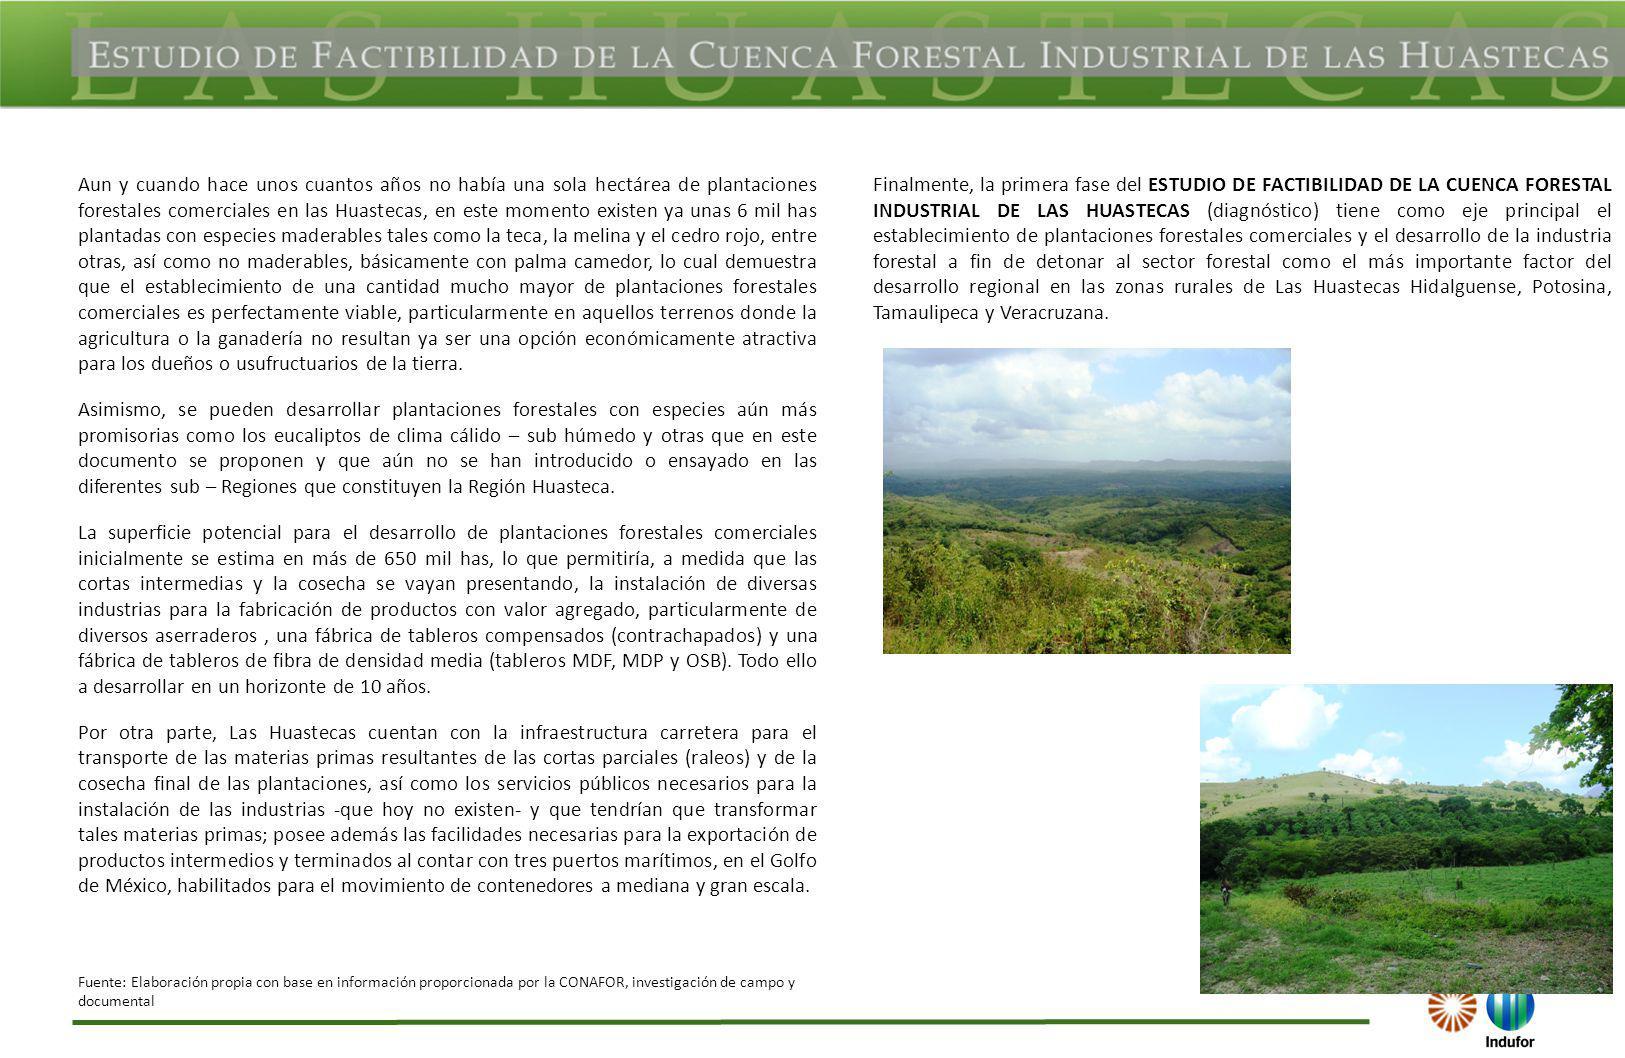 Aun y cuando hace unos cuantos años no había una sola hectárea de plantaciones forestales comerciales en las Huastecas, en este momento existen ya una